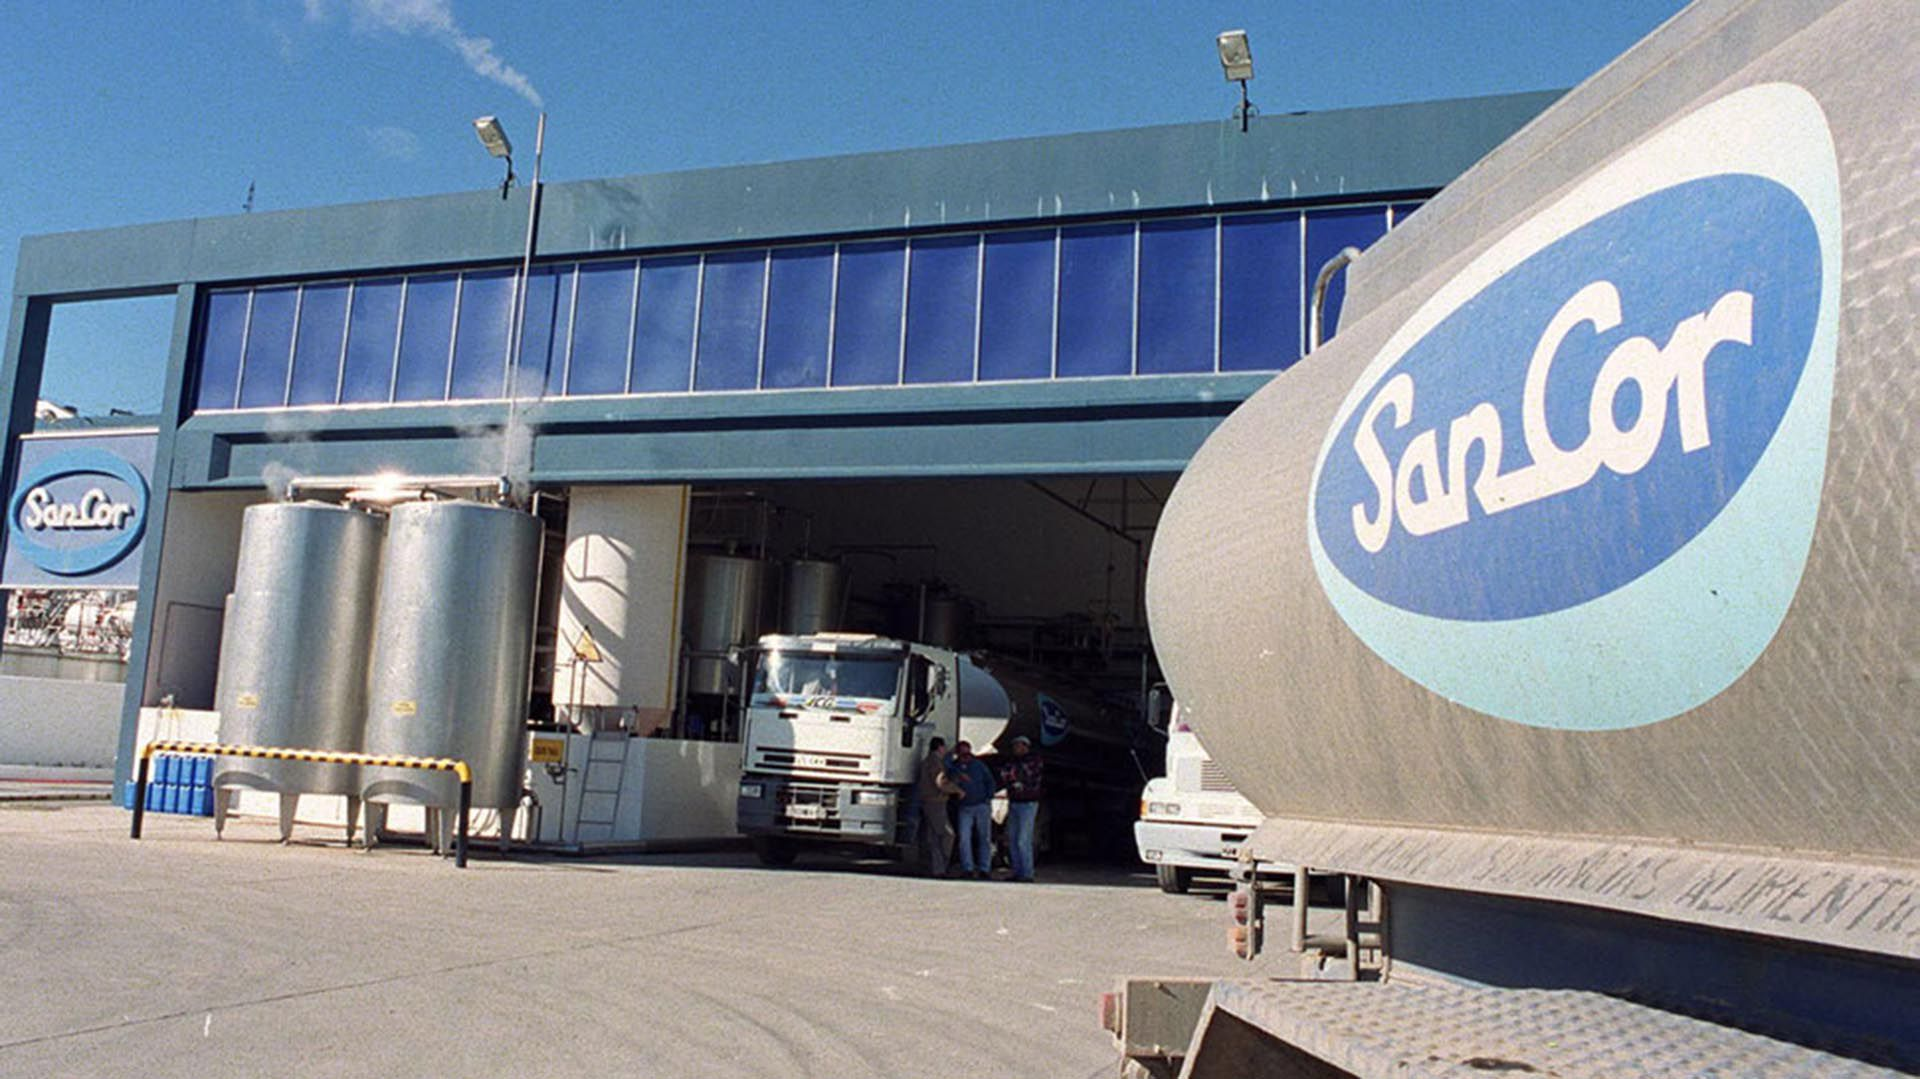 La Cooperativa Sancor no encuentra solidez y continúa en un proceso de retracción en el que el último capítulo es la parálisis en la que se encuentra su planta de la localidad santafesina de San Guillermo.